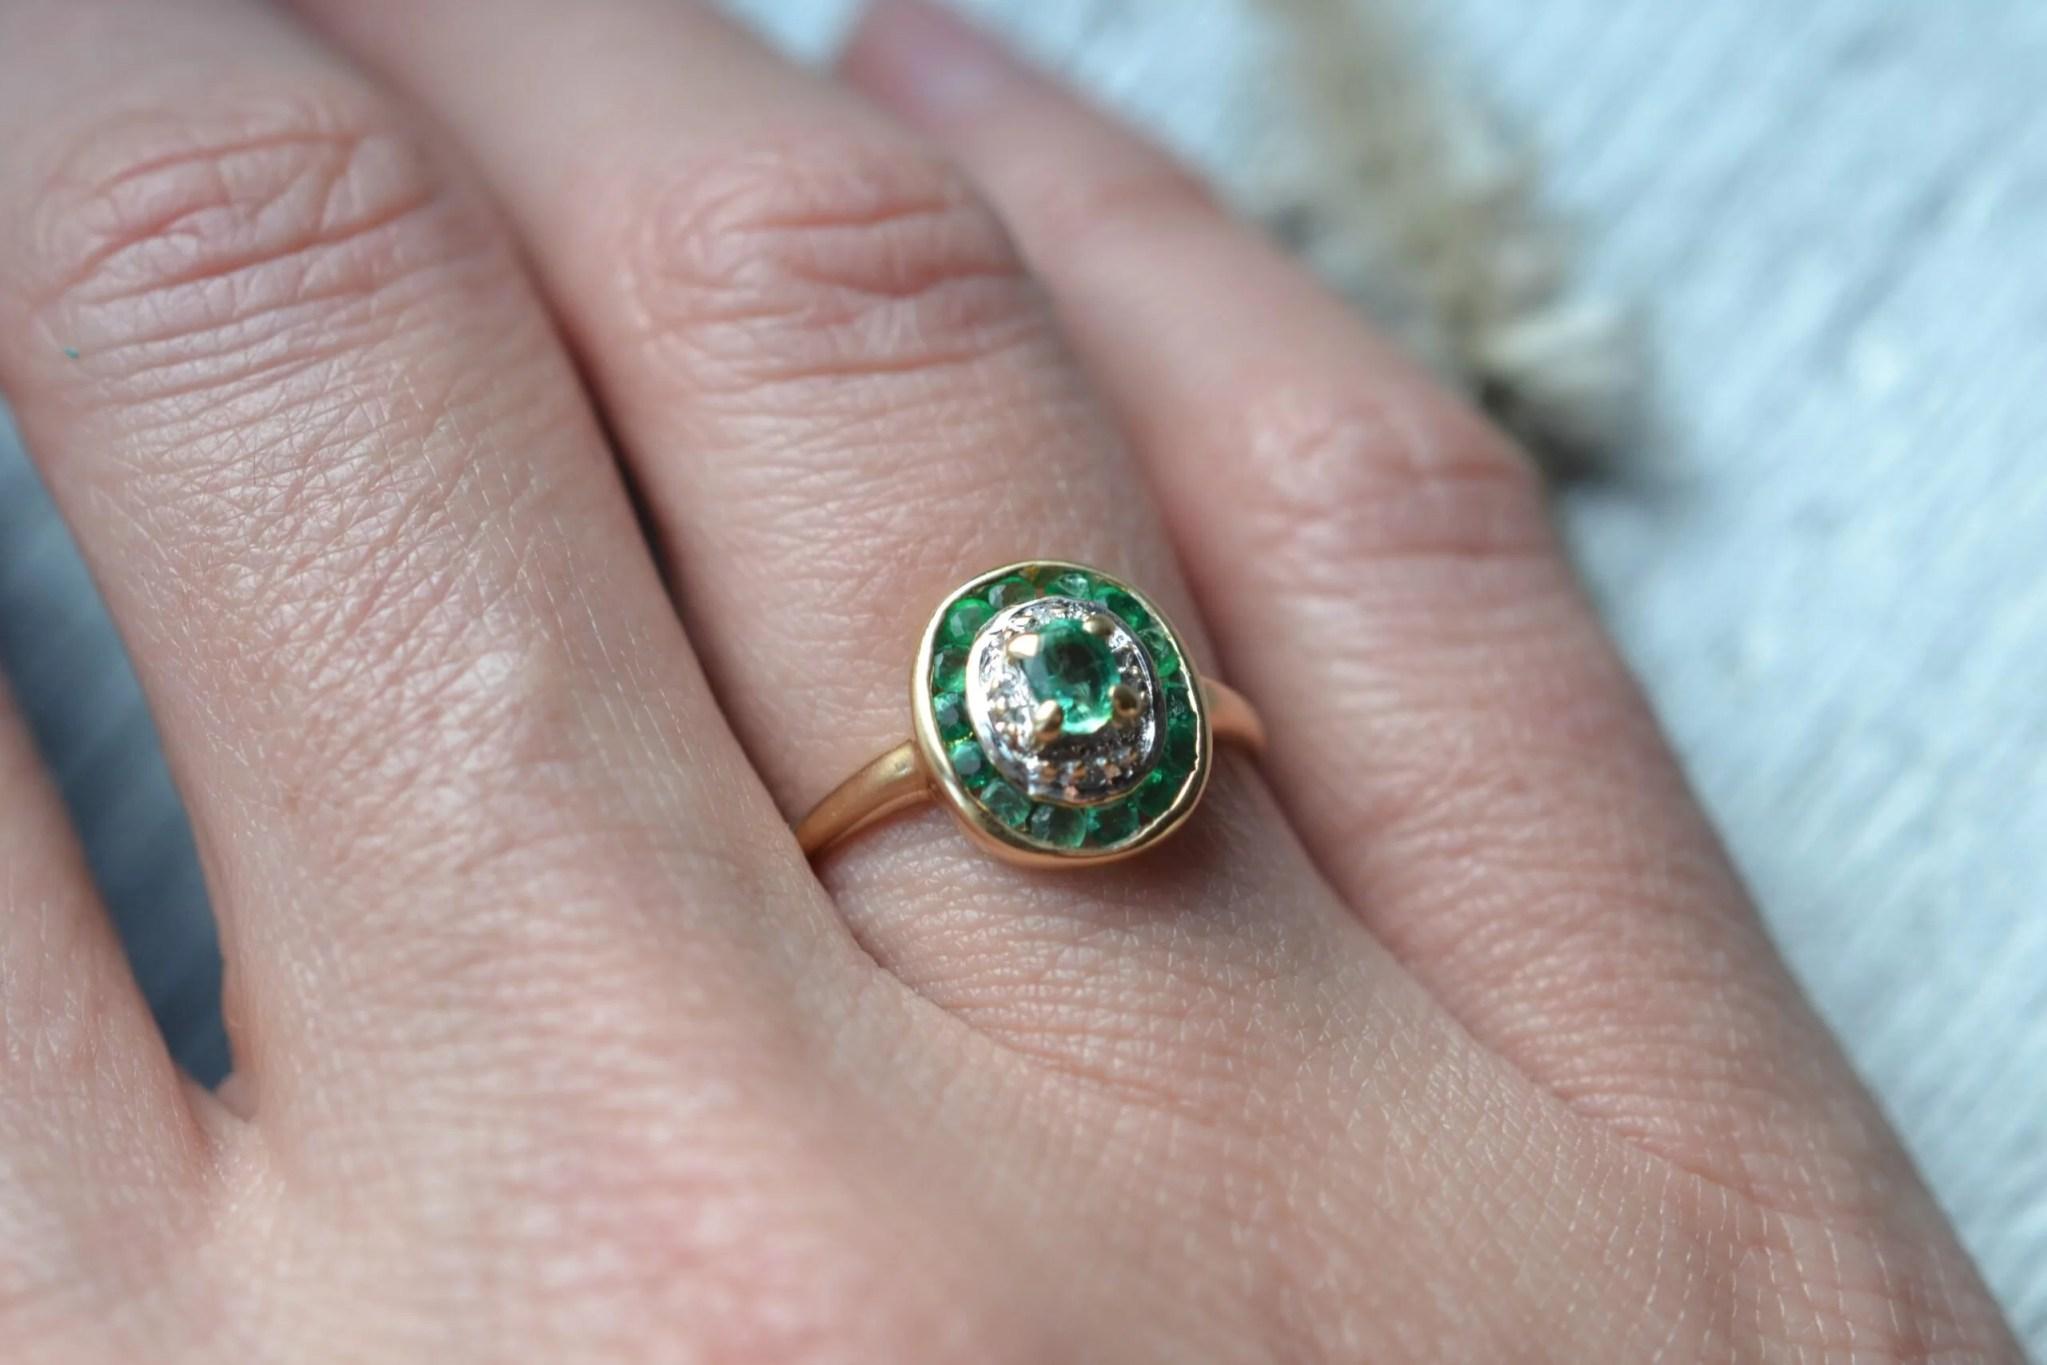 bague ancienne vintage émeraude - Or 18 carats - bijou ecoresponsable fiançailles mariage